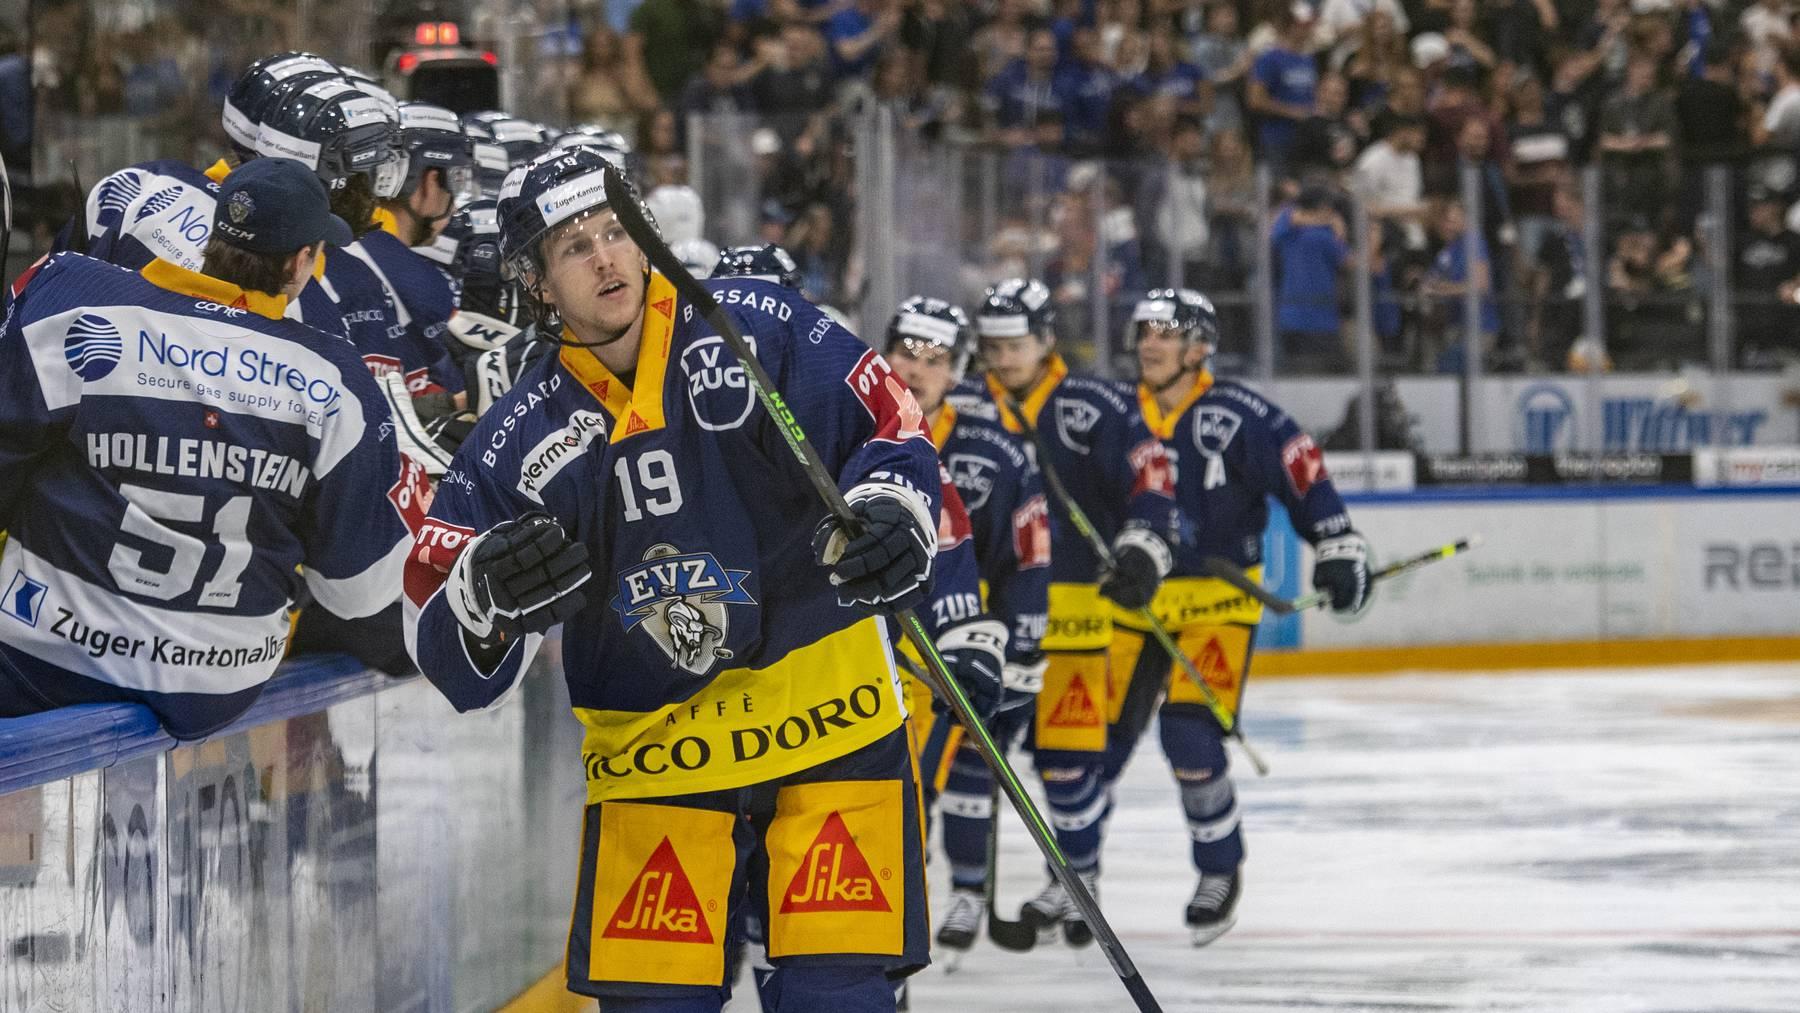 Die Zuger mit Niklas Hansson, mitte, feiern das 3:0 beim Eishockey Qualifikationsspiel der National League zwischen dem EV Zug und dem HC Davos am Dienstag, 7. September 2021 in Zug.